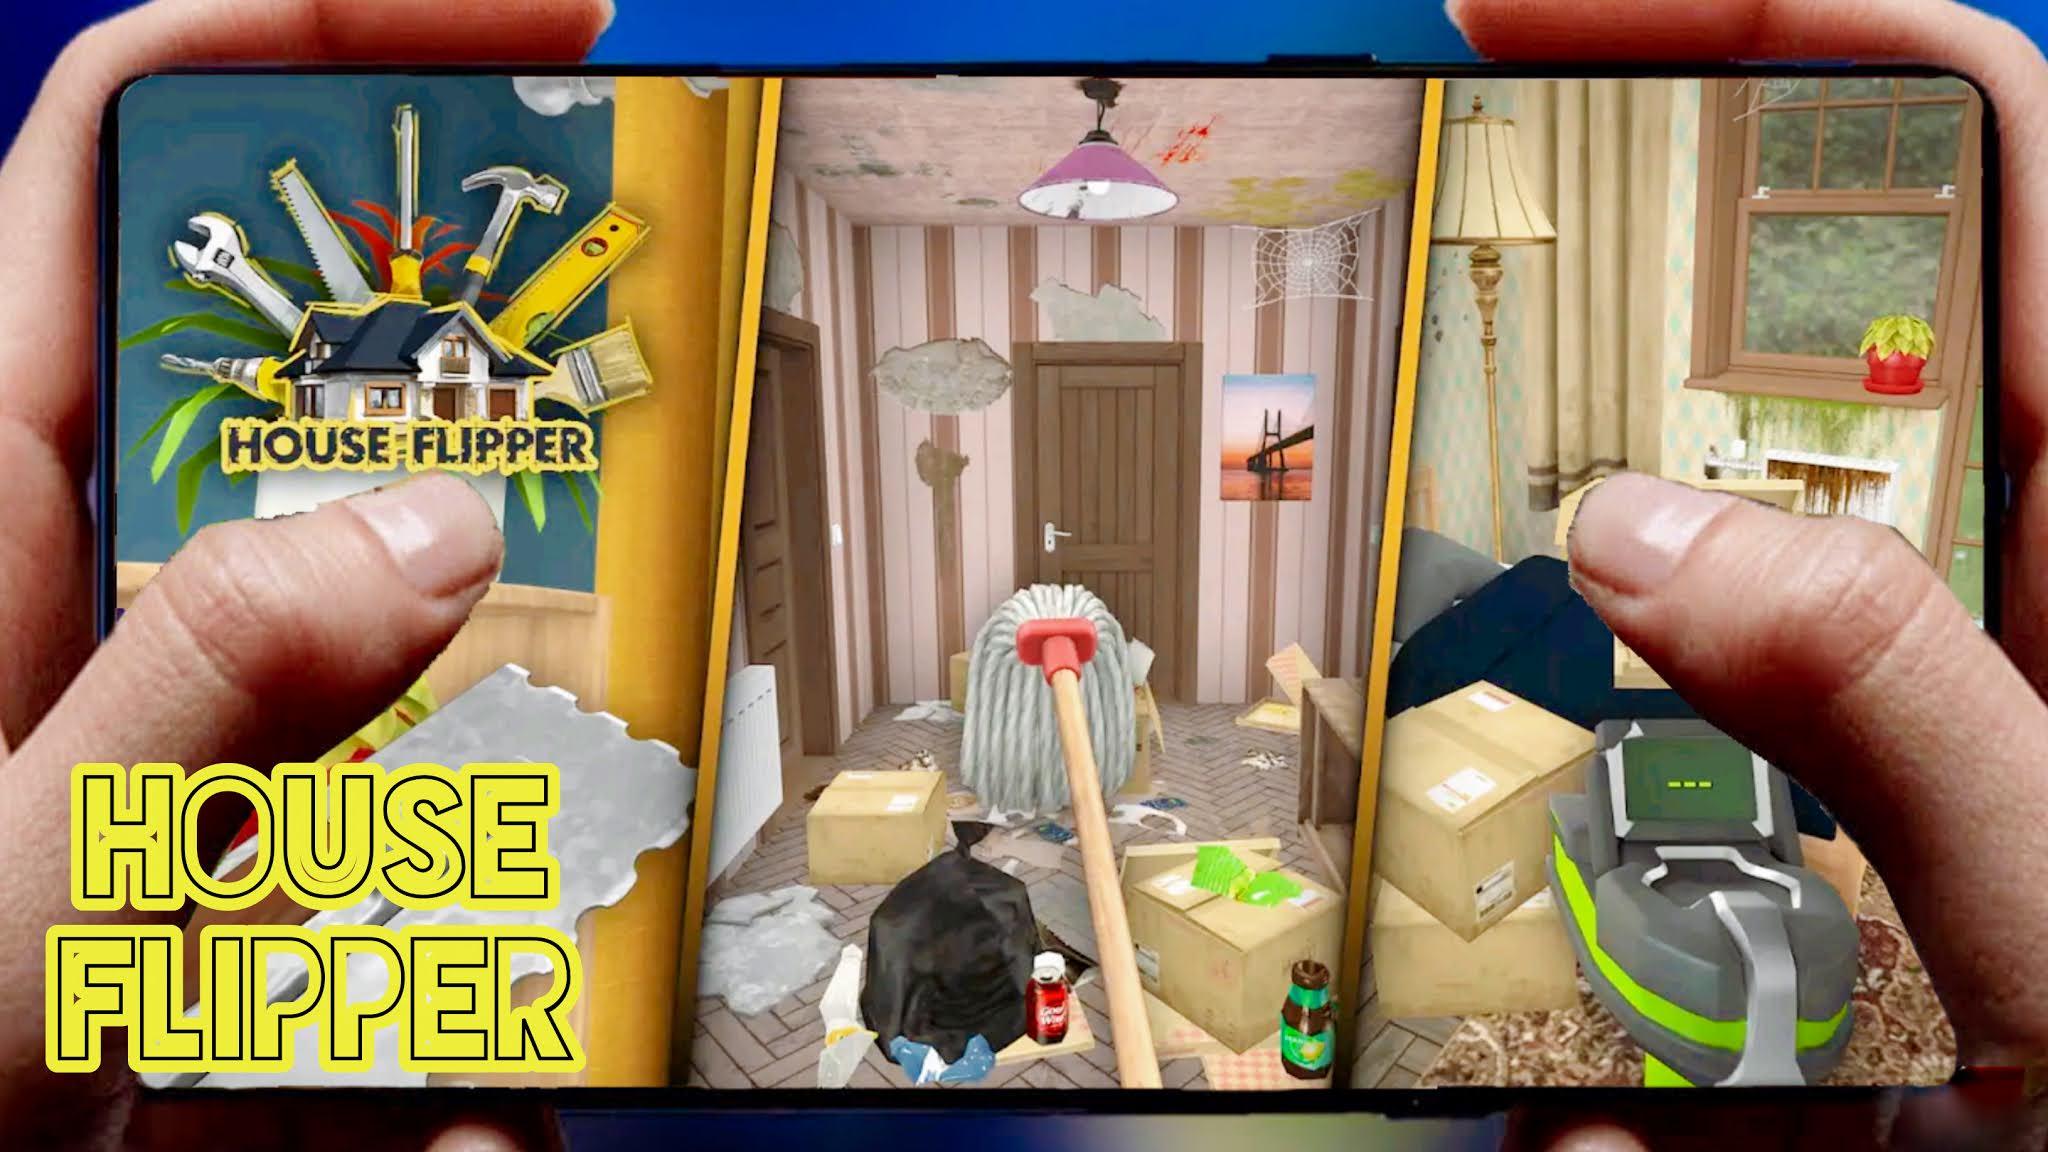 أخير لعبة House Flipper تم تنزيلها على Google paly جرافيك رهيب +HD